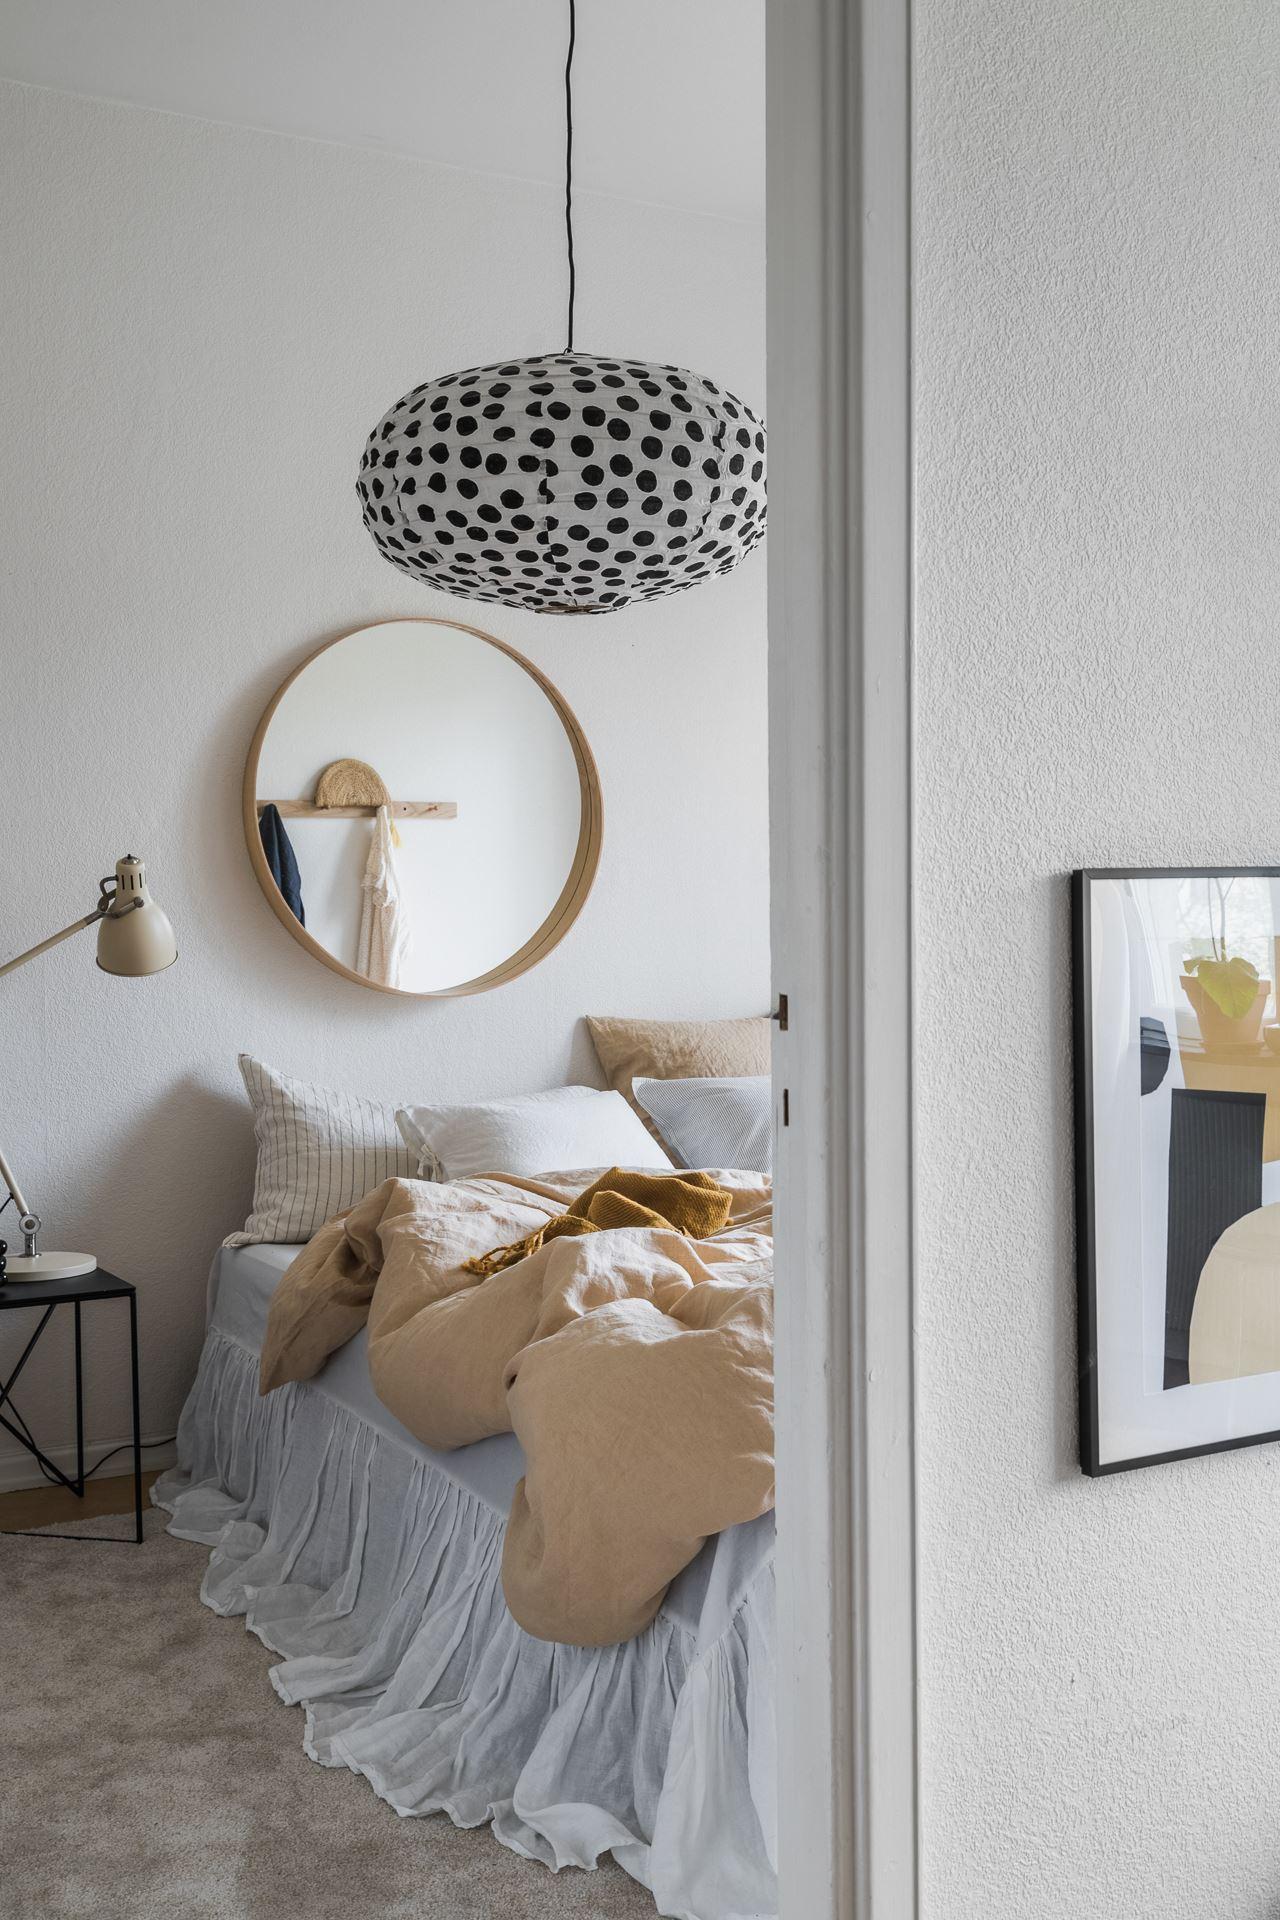 scandinavian feeling bedroom cozy hygge warm 1